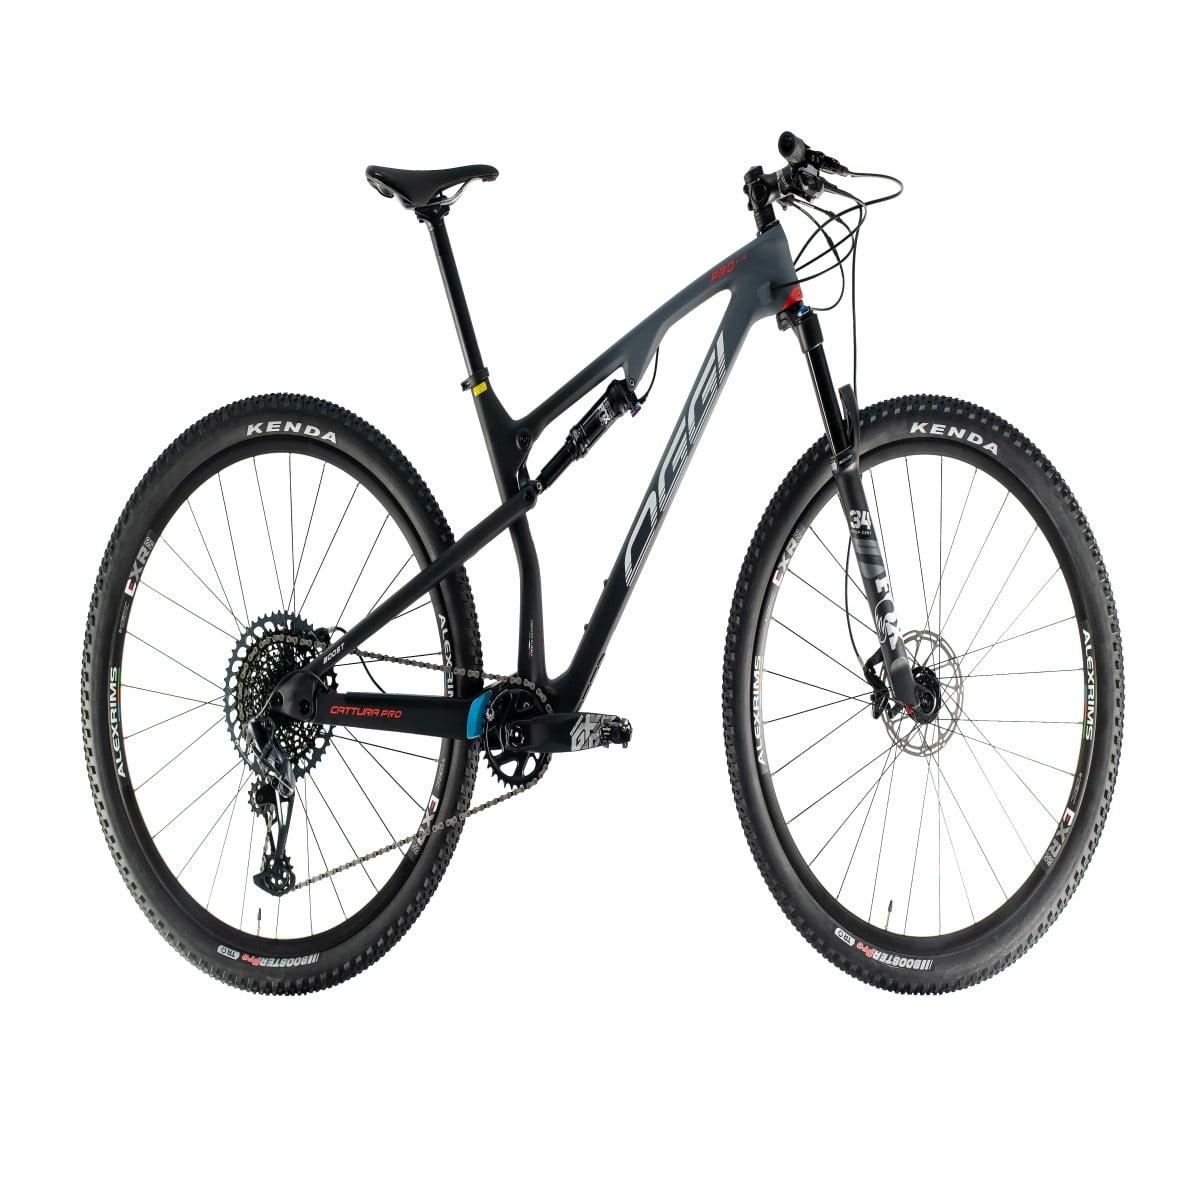 Bike Oggi Cattura Pro  T-20 2021 Carbono Sram GX Preto Cinza